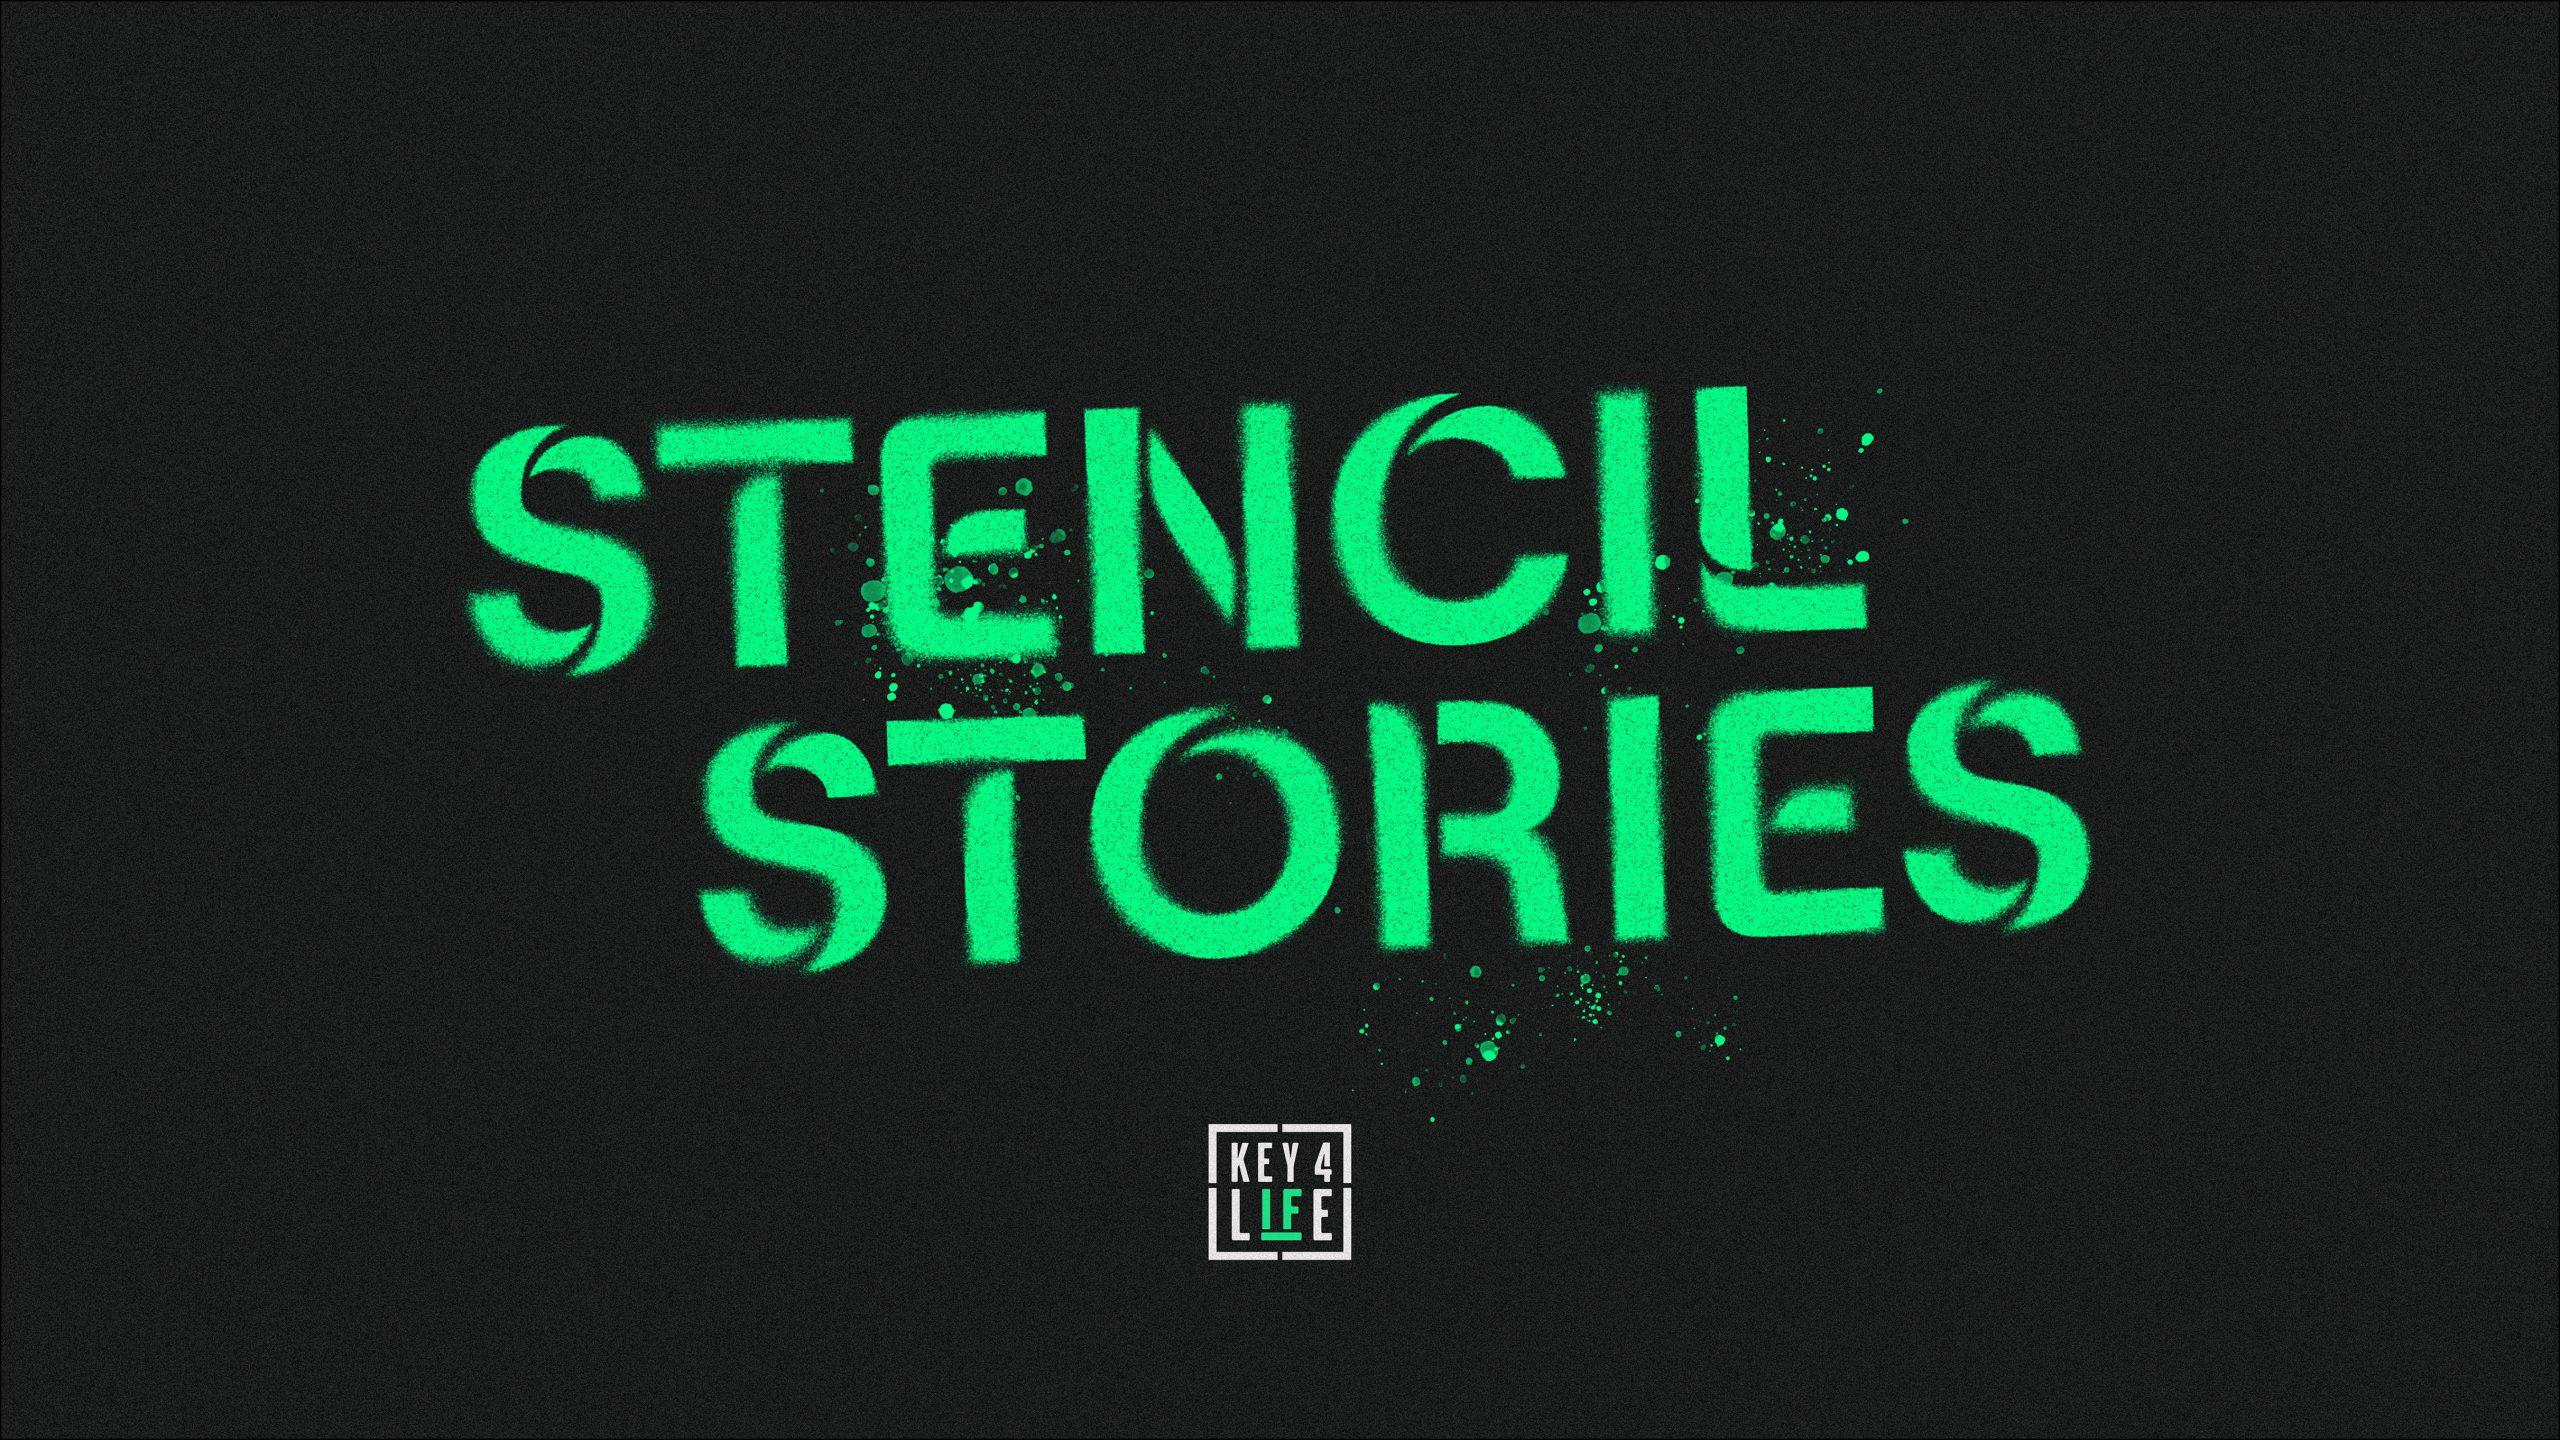 Stencil Stories